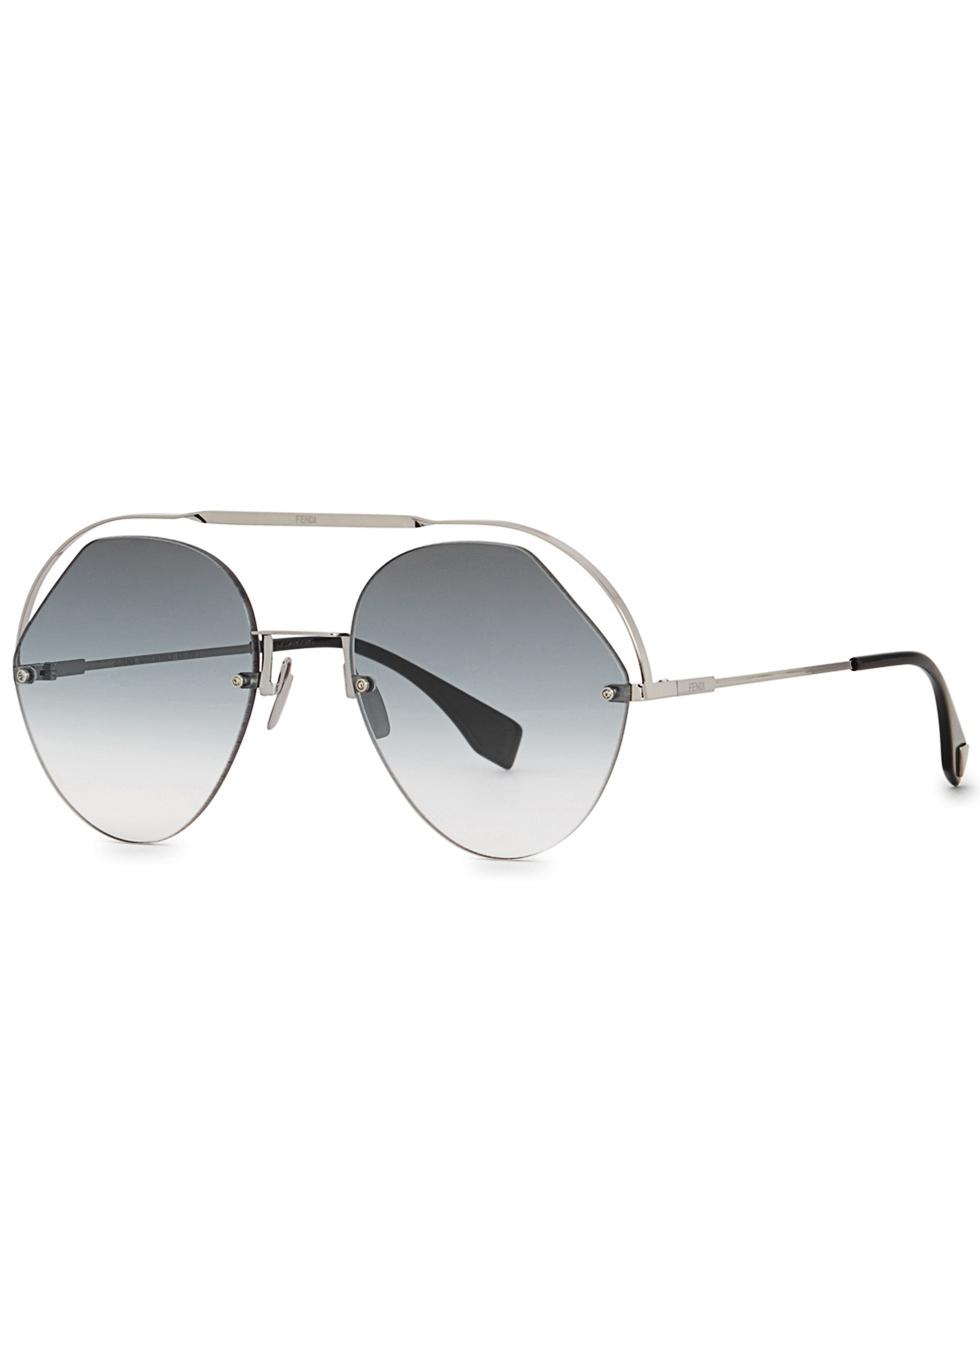 FENDI | Fendi Silver-Tone Aviator-Style Sunglasses | Goxip